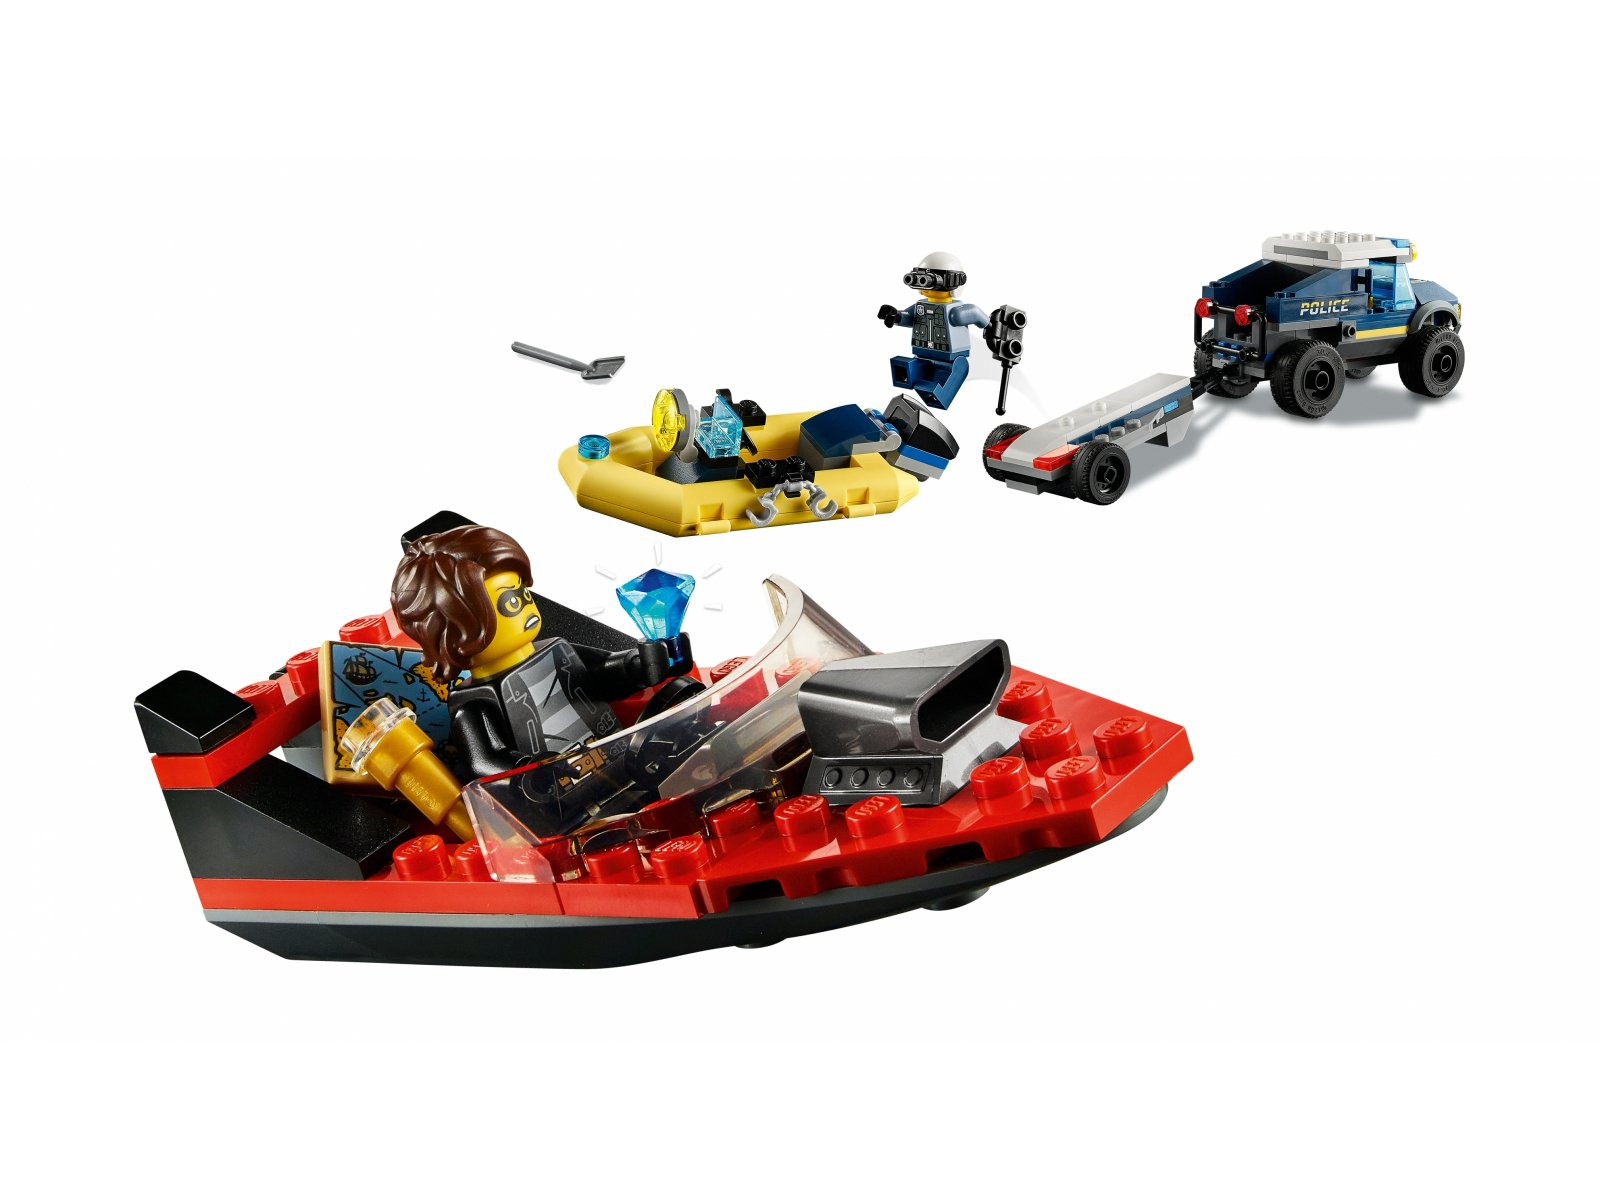 LEGO 60272 City Transport łodzi policji specjalnej